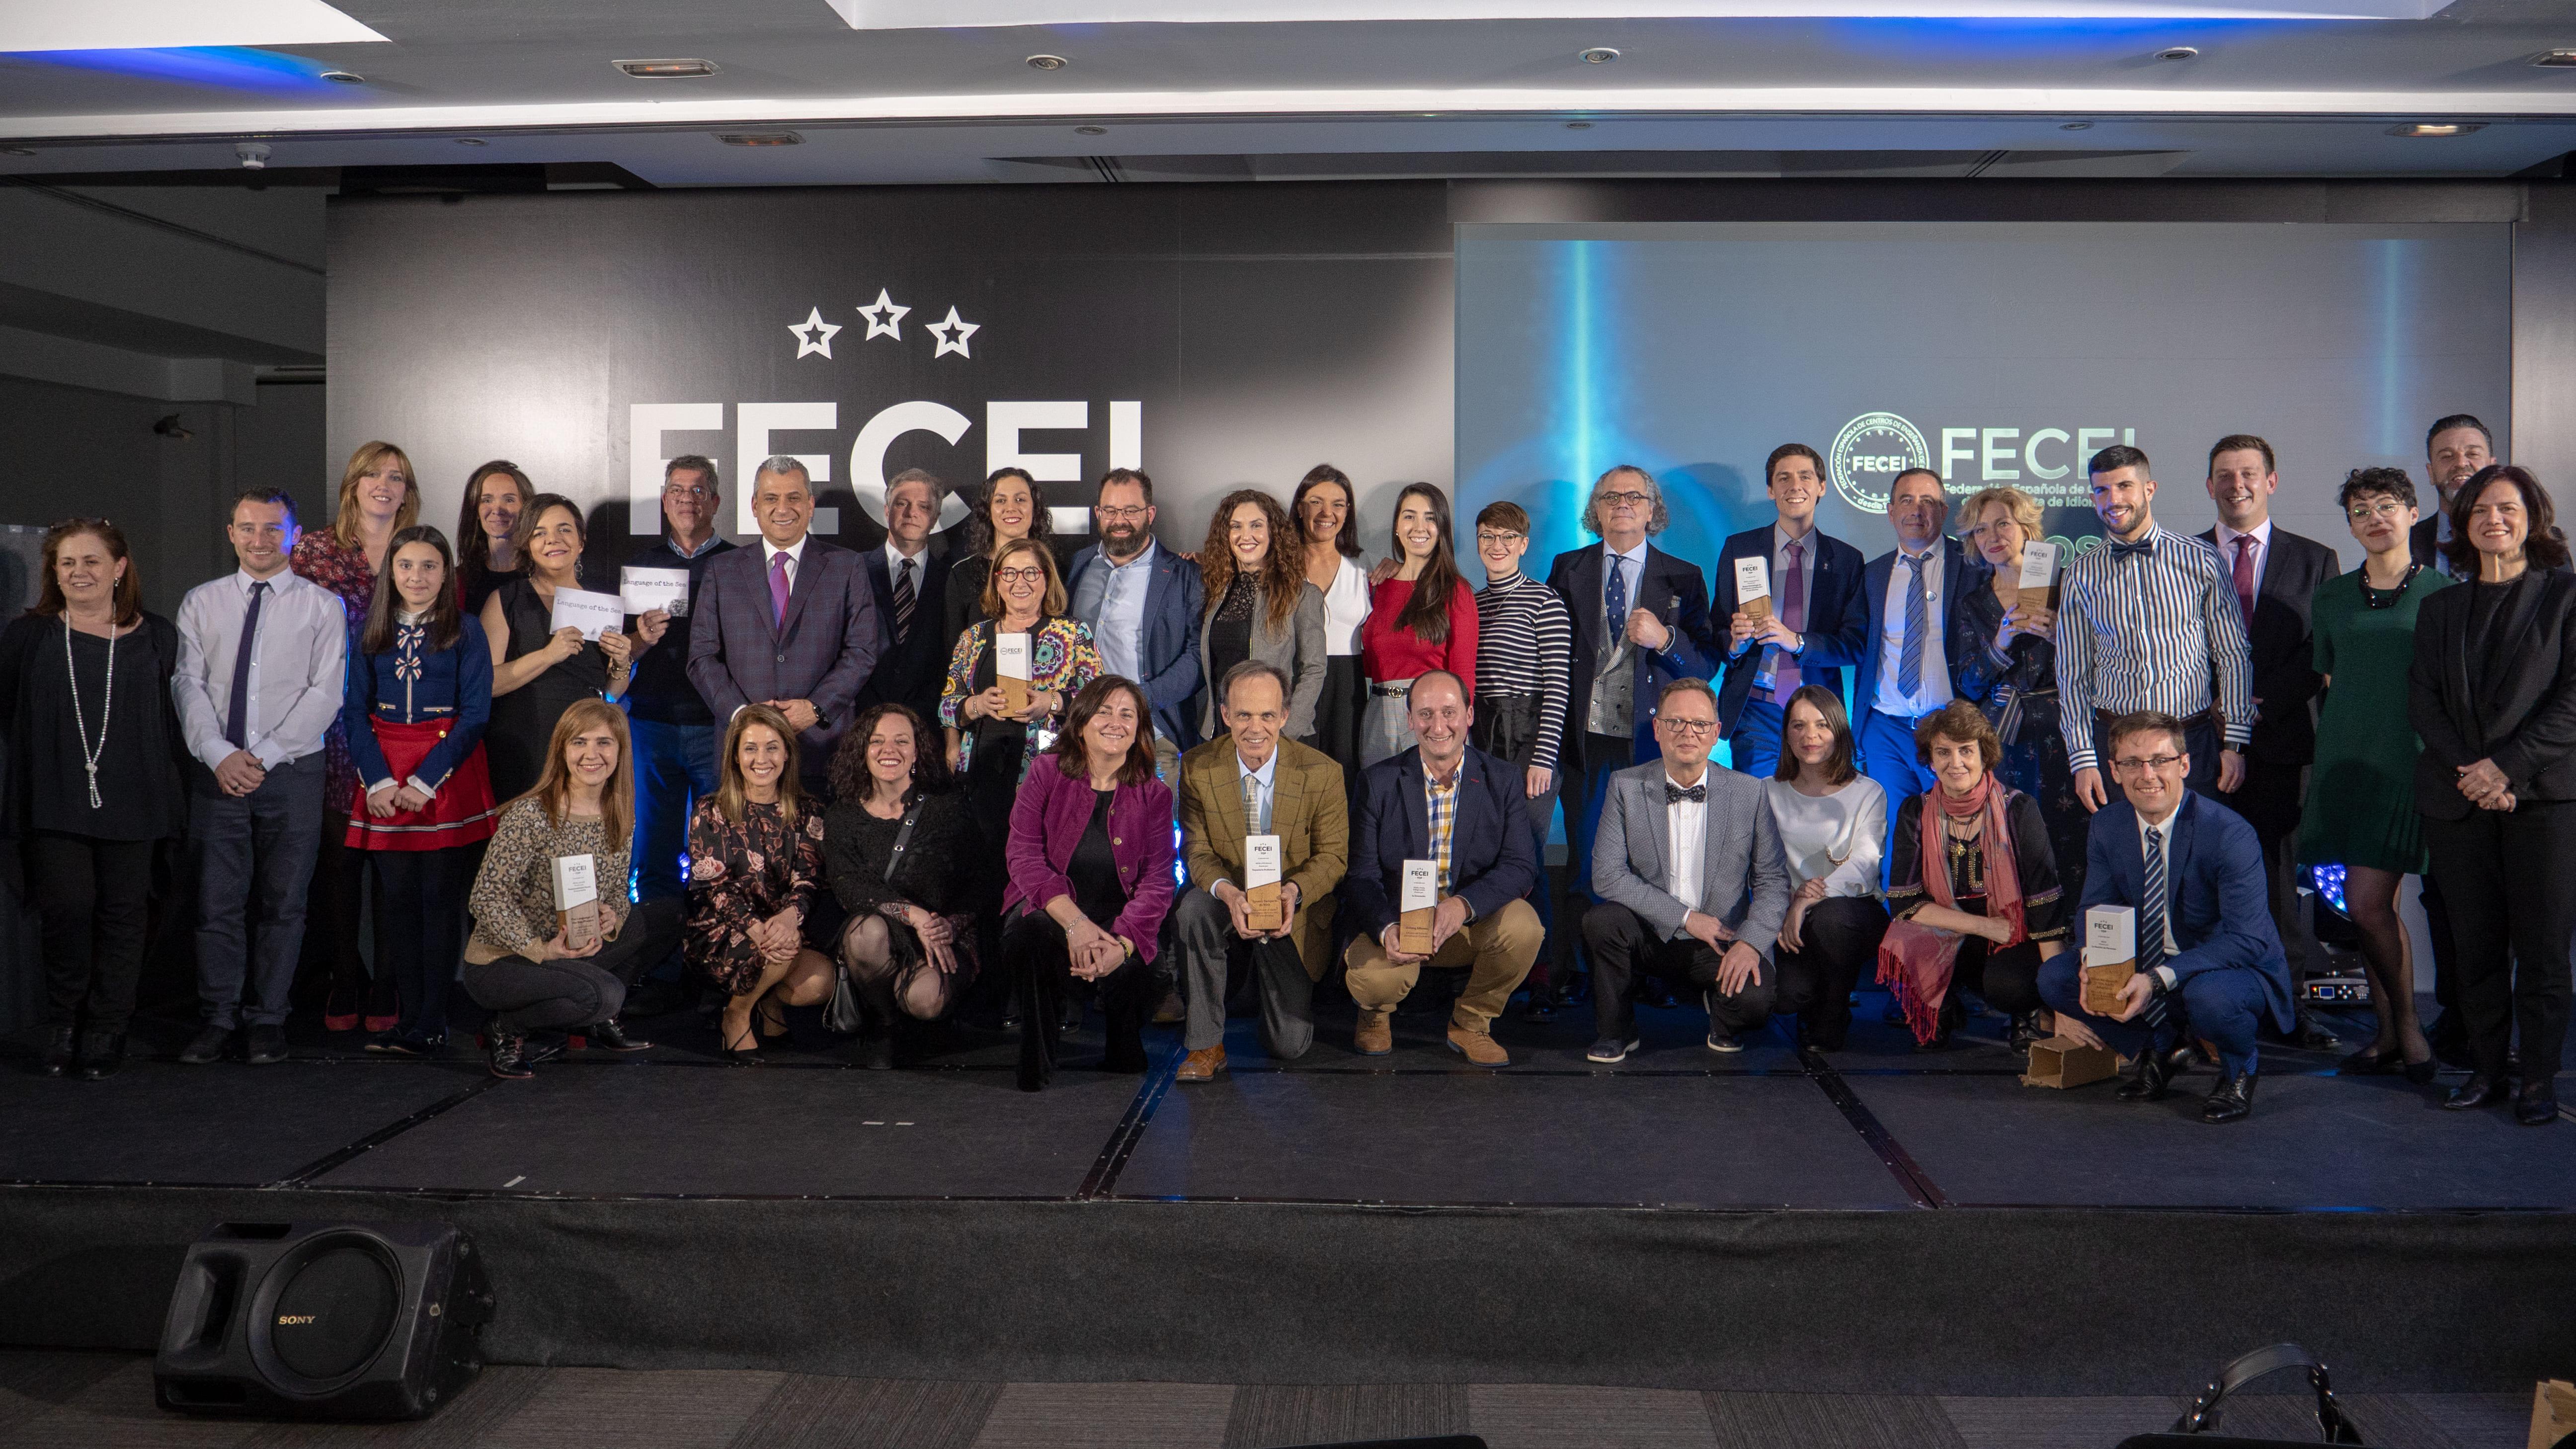 Premio FECEI TOP